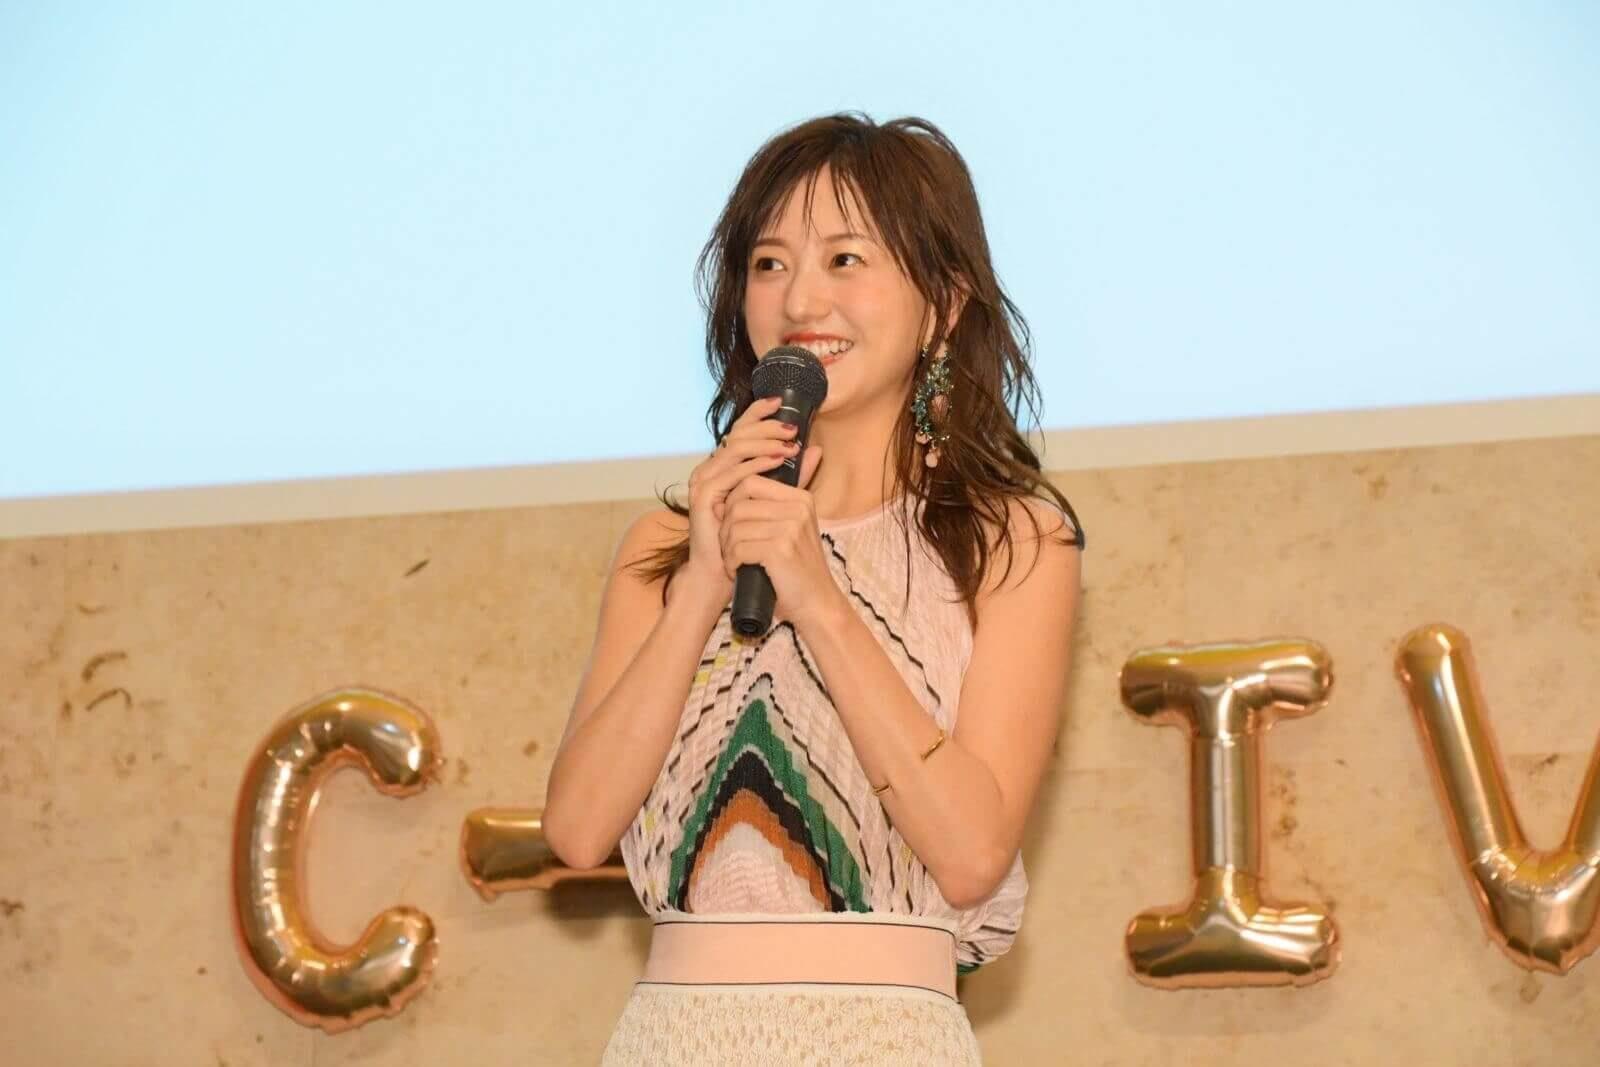 元AAA伊藤千晃 ダンス動画公開にファン「曲出すの!?」と期待サムネイル画像